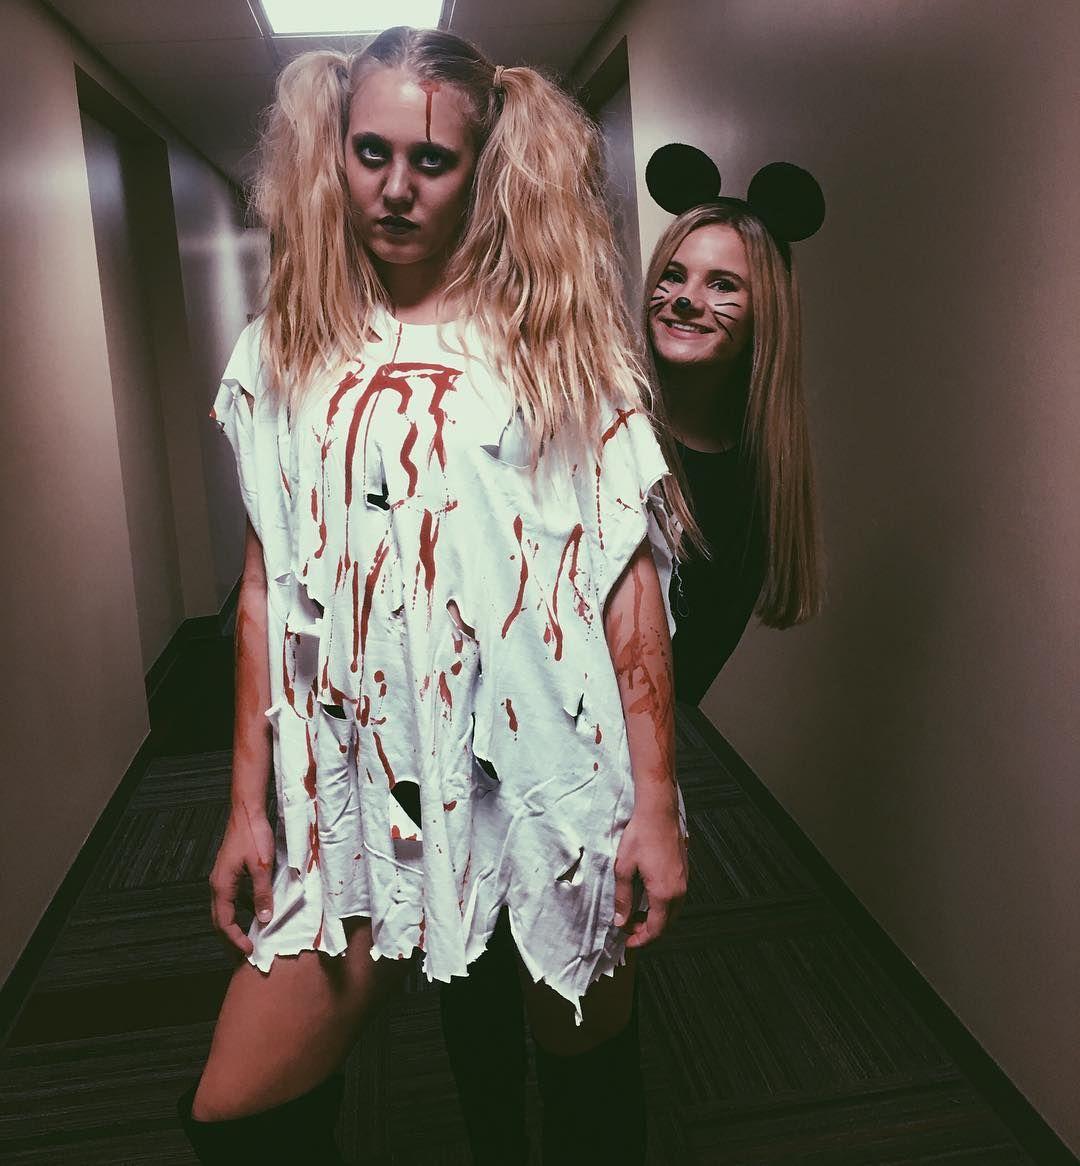 29 Genius Last Minute College Halloween Costume Ideas for